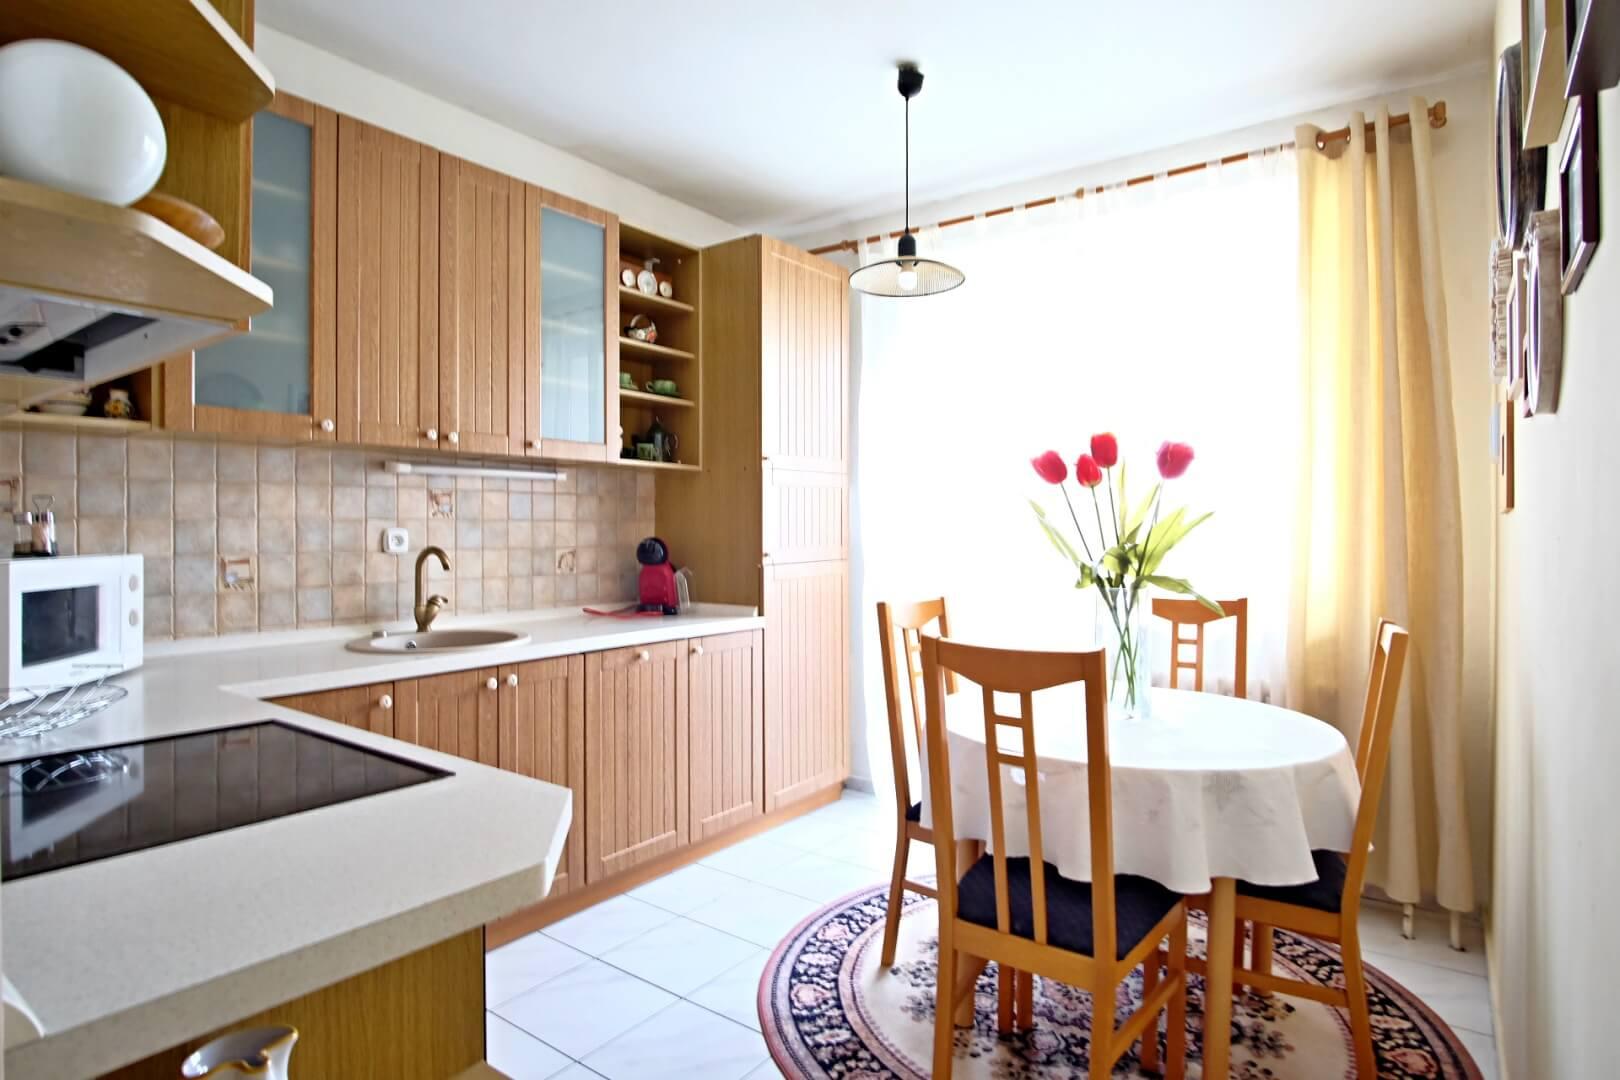 Predané: Na predaj príjemný 3 izbový byt so zmenenou dispozíciou s výhľadom do veľkého parku-3